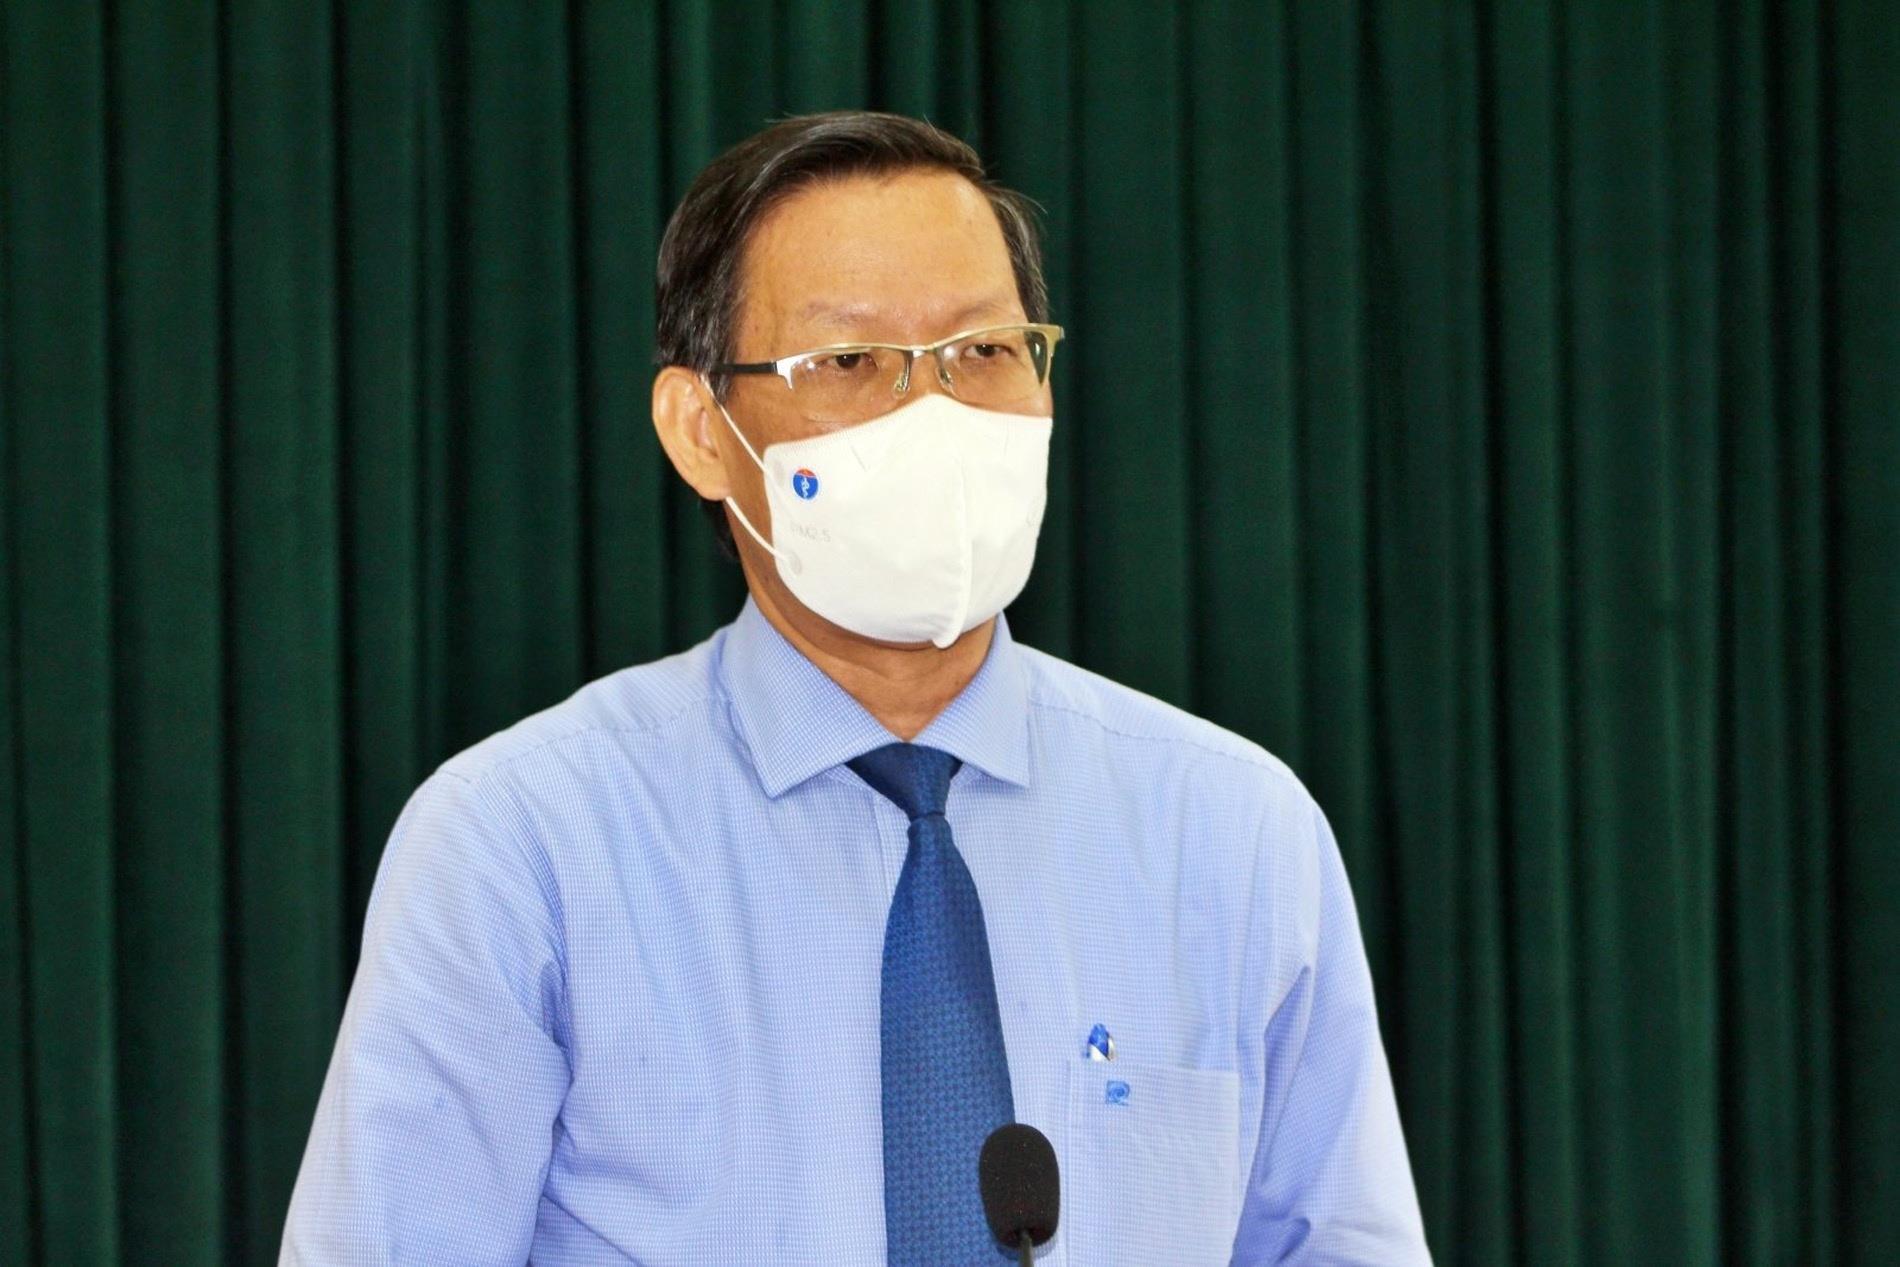 Ông Phan Văn Mãi: Đến tháng 11, TP.HCM cũng chưa thể 'bình thường mới' hoàn toàn - 1